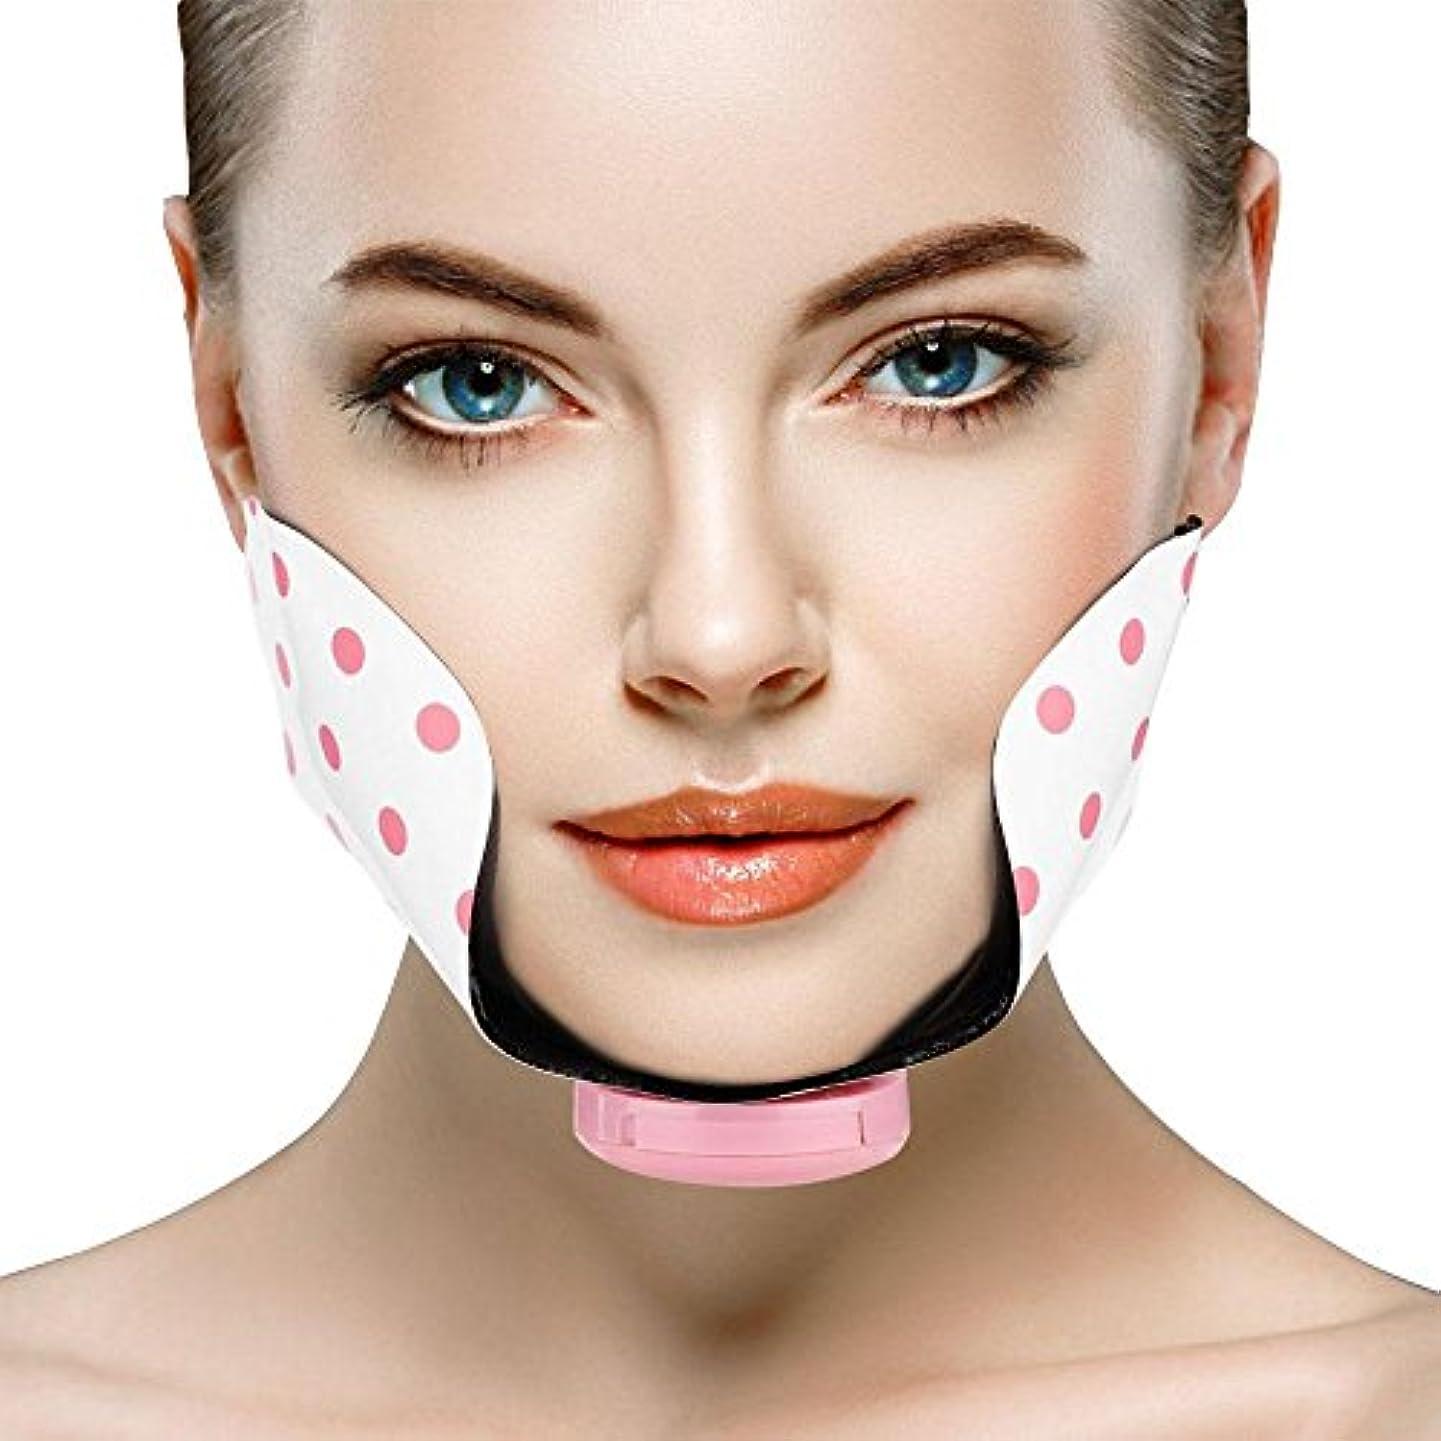 矢相談する使用法頬スリミングベルト、シリコーン電気調節可能なミニフェイシャル痩身リフティングファーミングパッドポイントマッサージパッチ